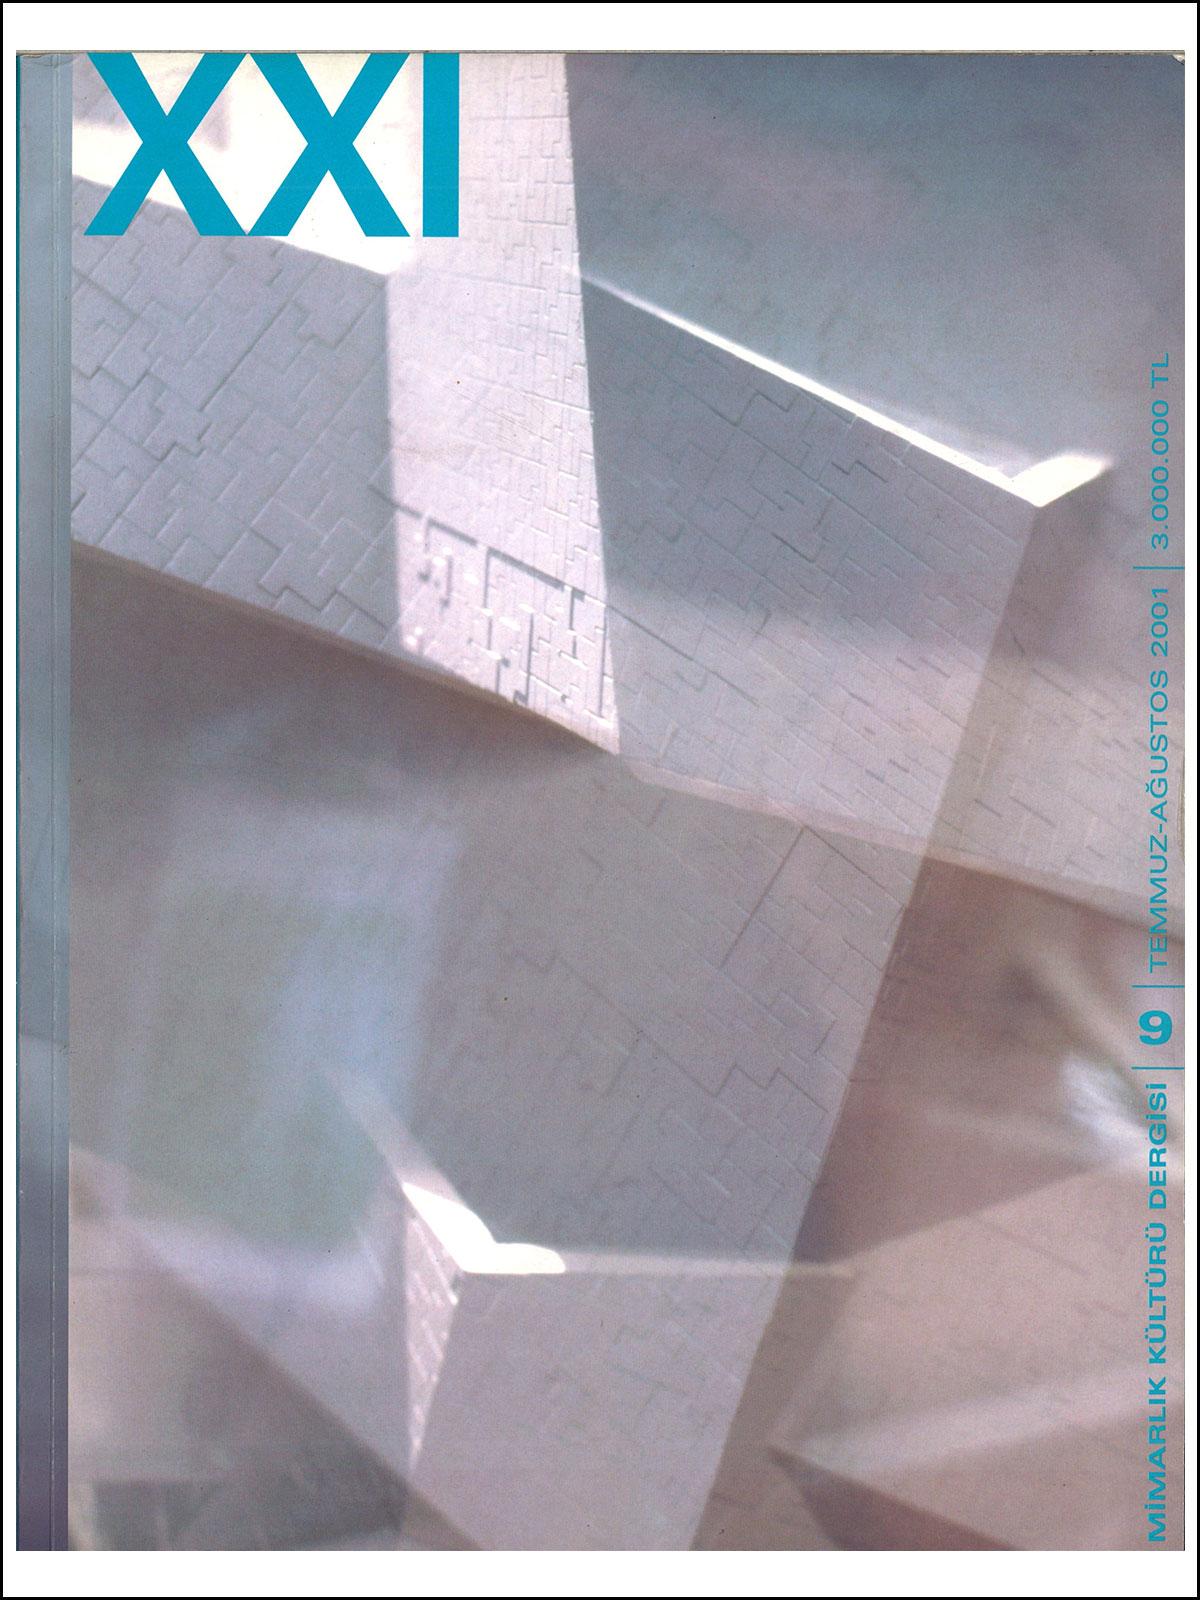 XXI Mimarlık Kültürü Dergisi